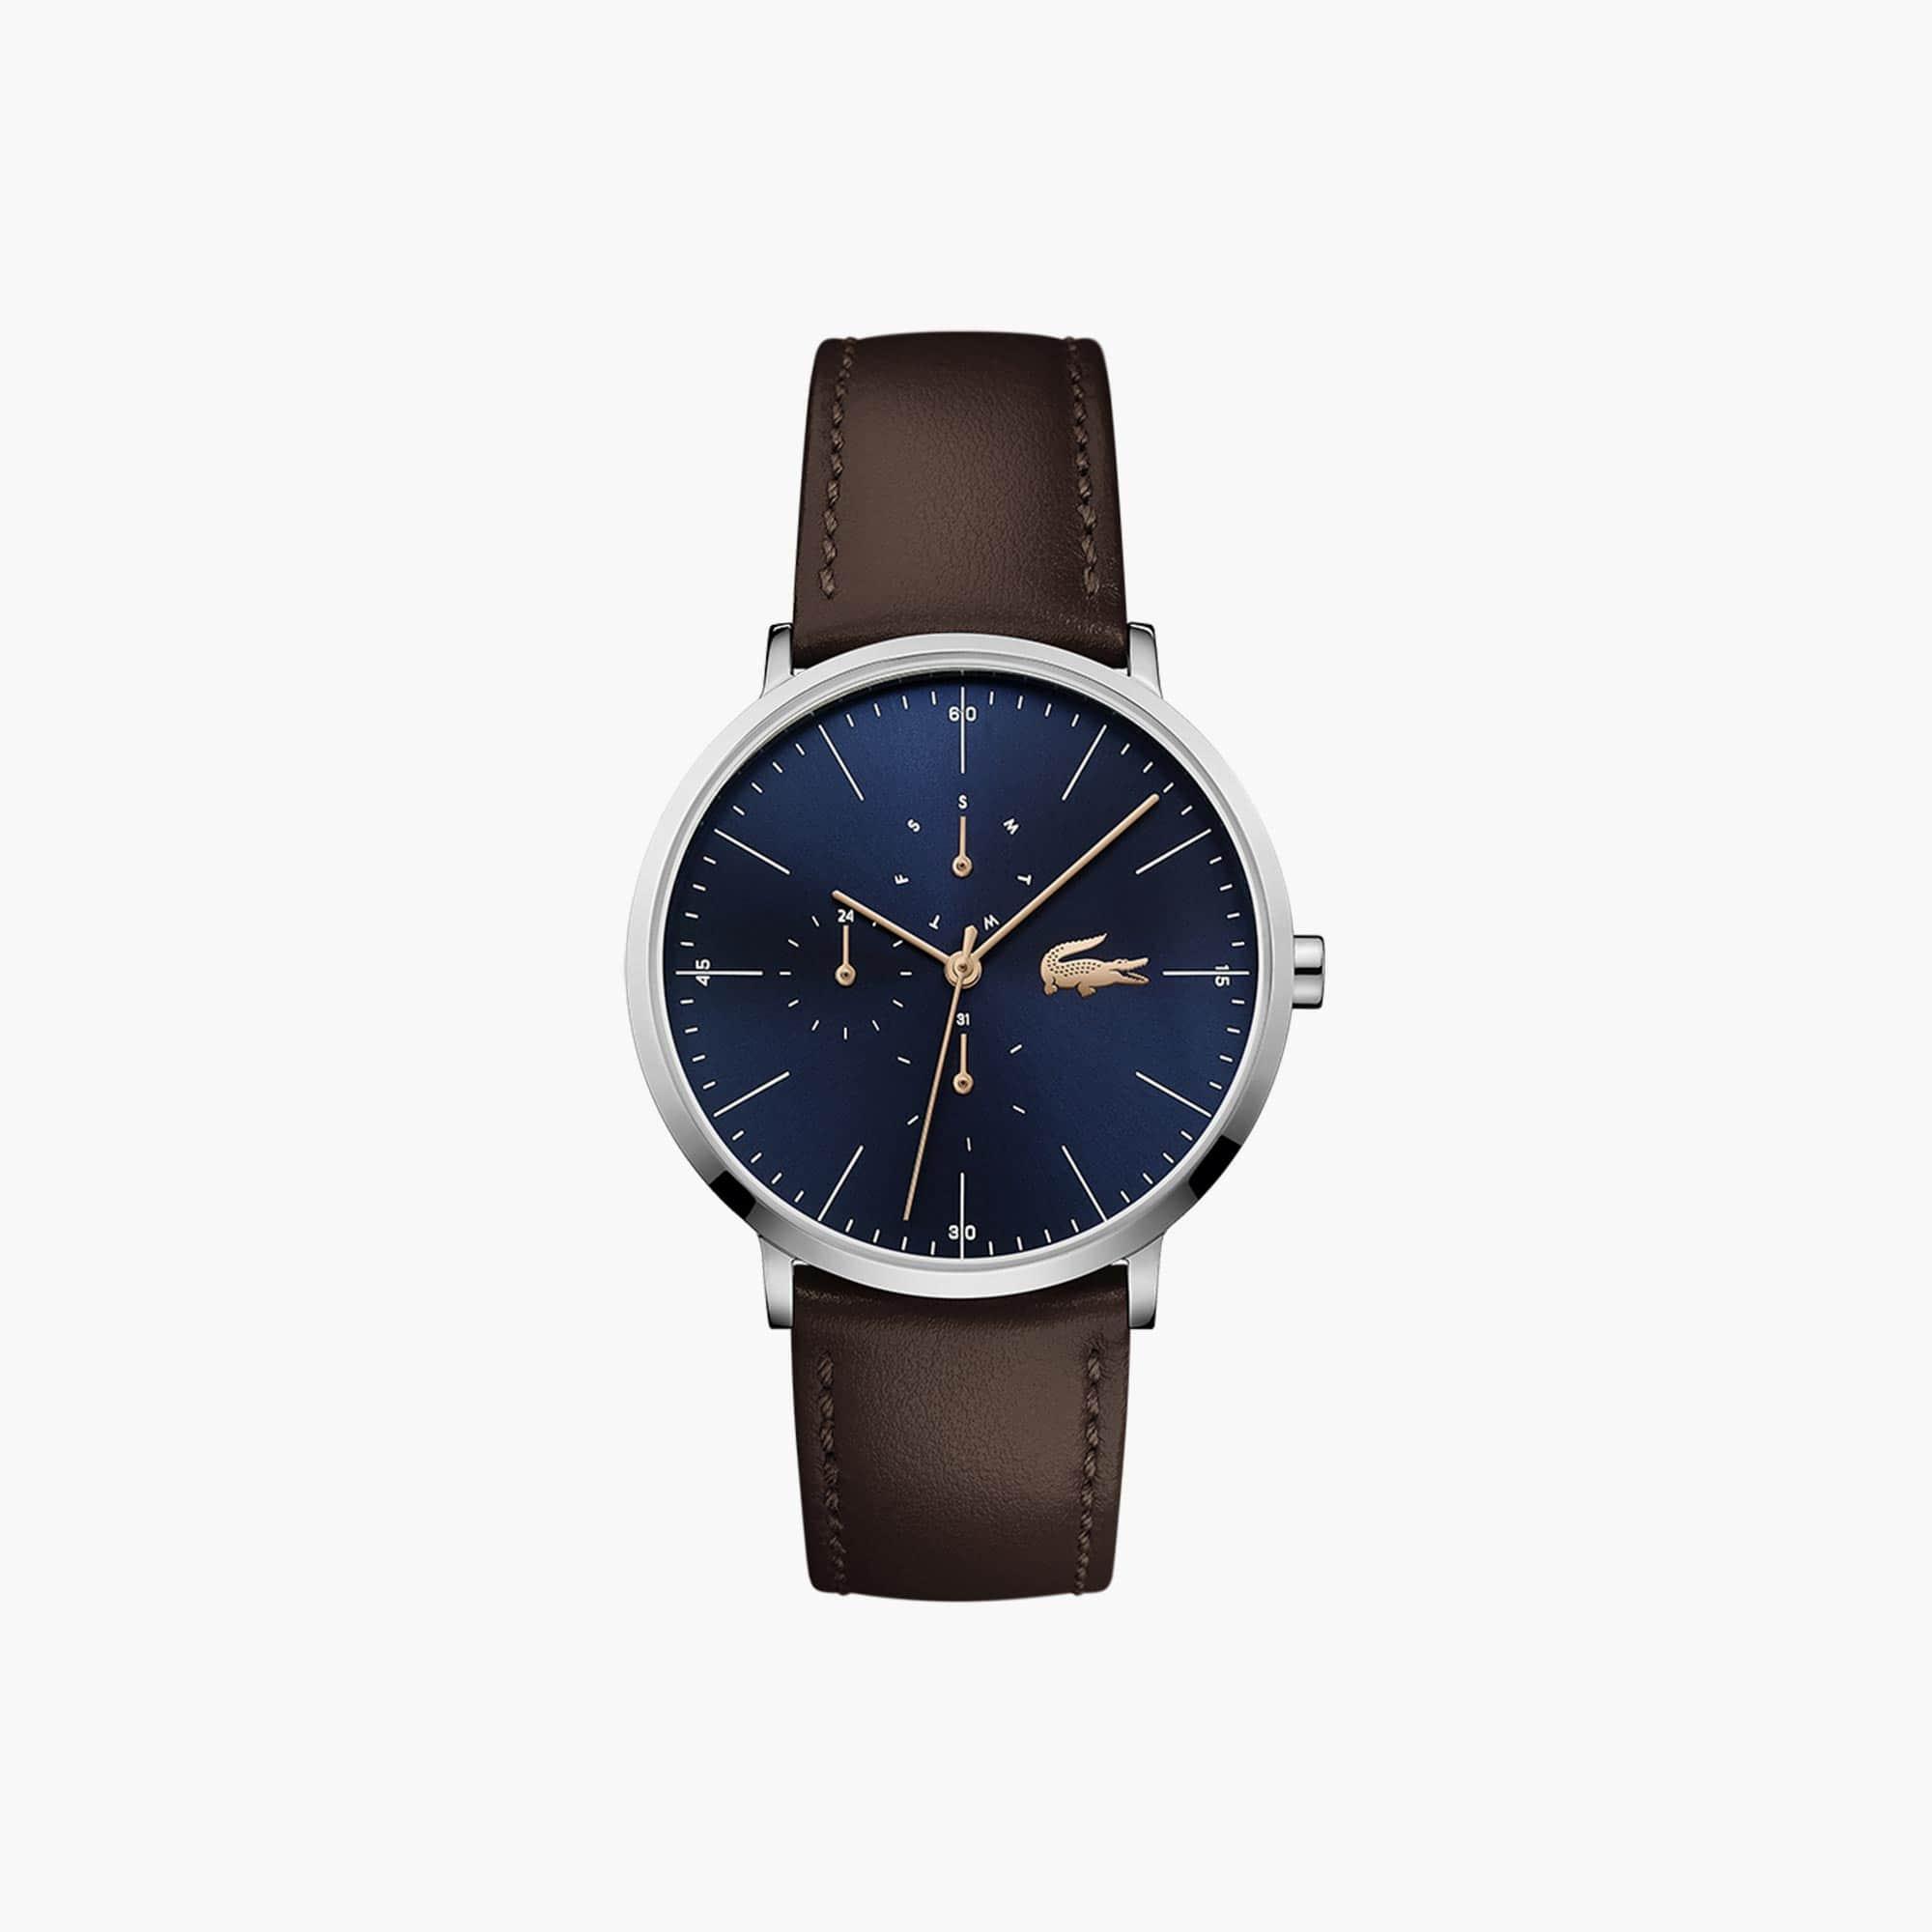 2717c27c4e71 Reloj de Hombre Moon Multifunción Ultrafino con Correa de Piel Marrón